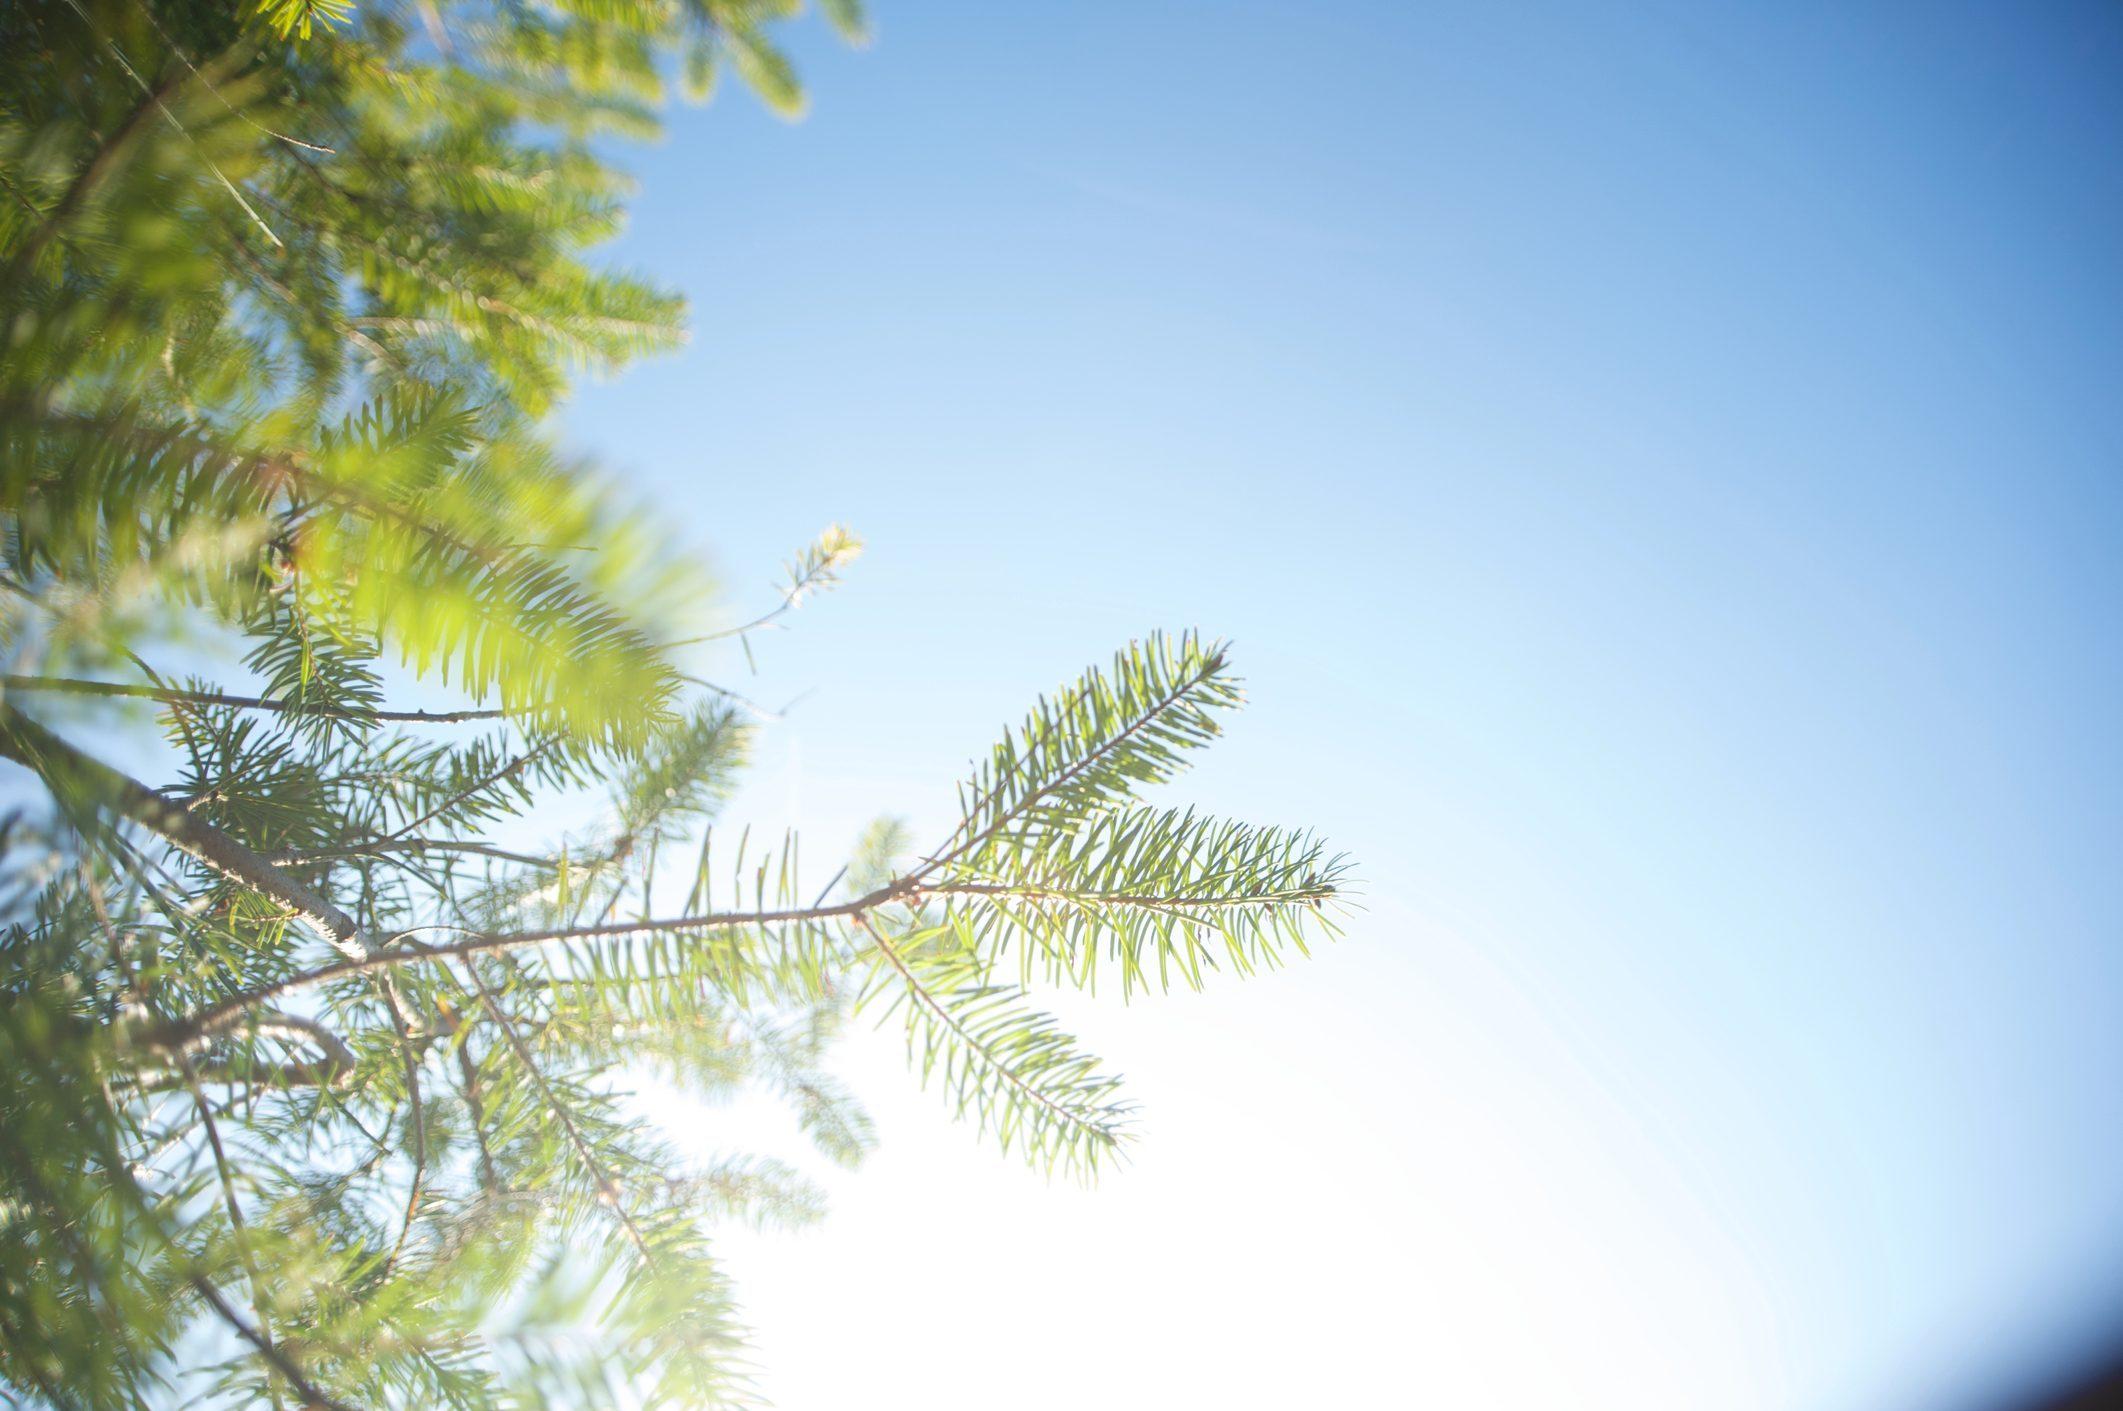 Douglas fir